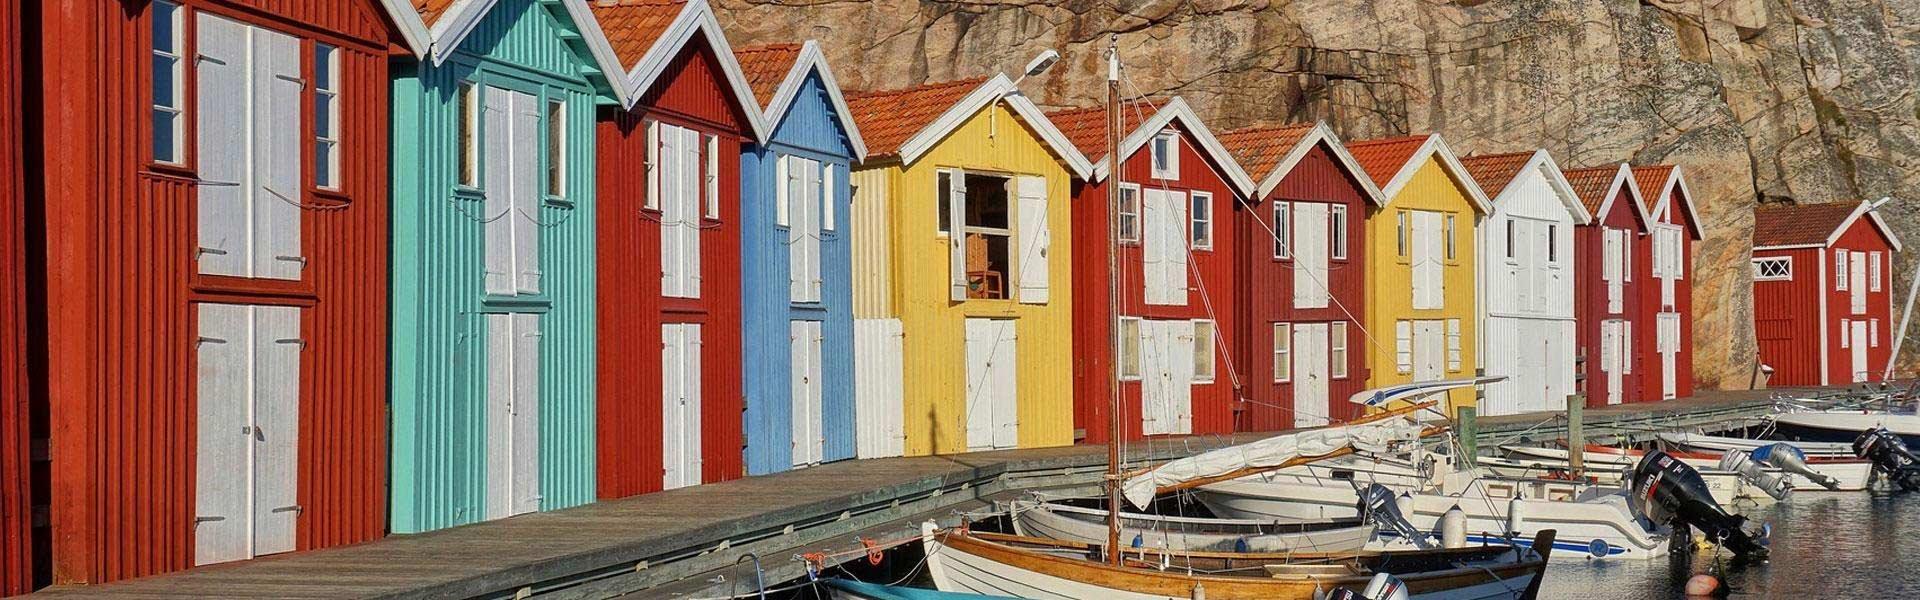 Maak een camperreis door Zweden met Victoria CamperHolidays